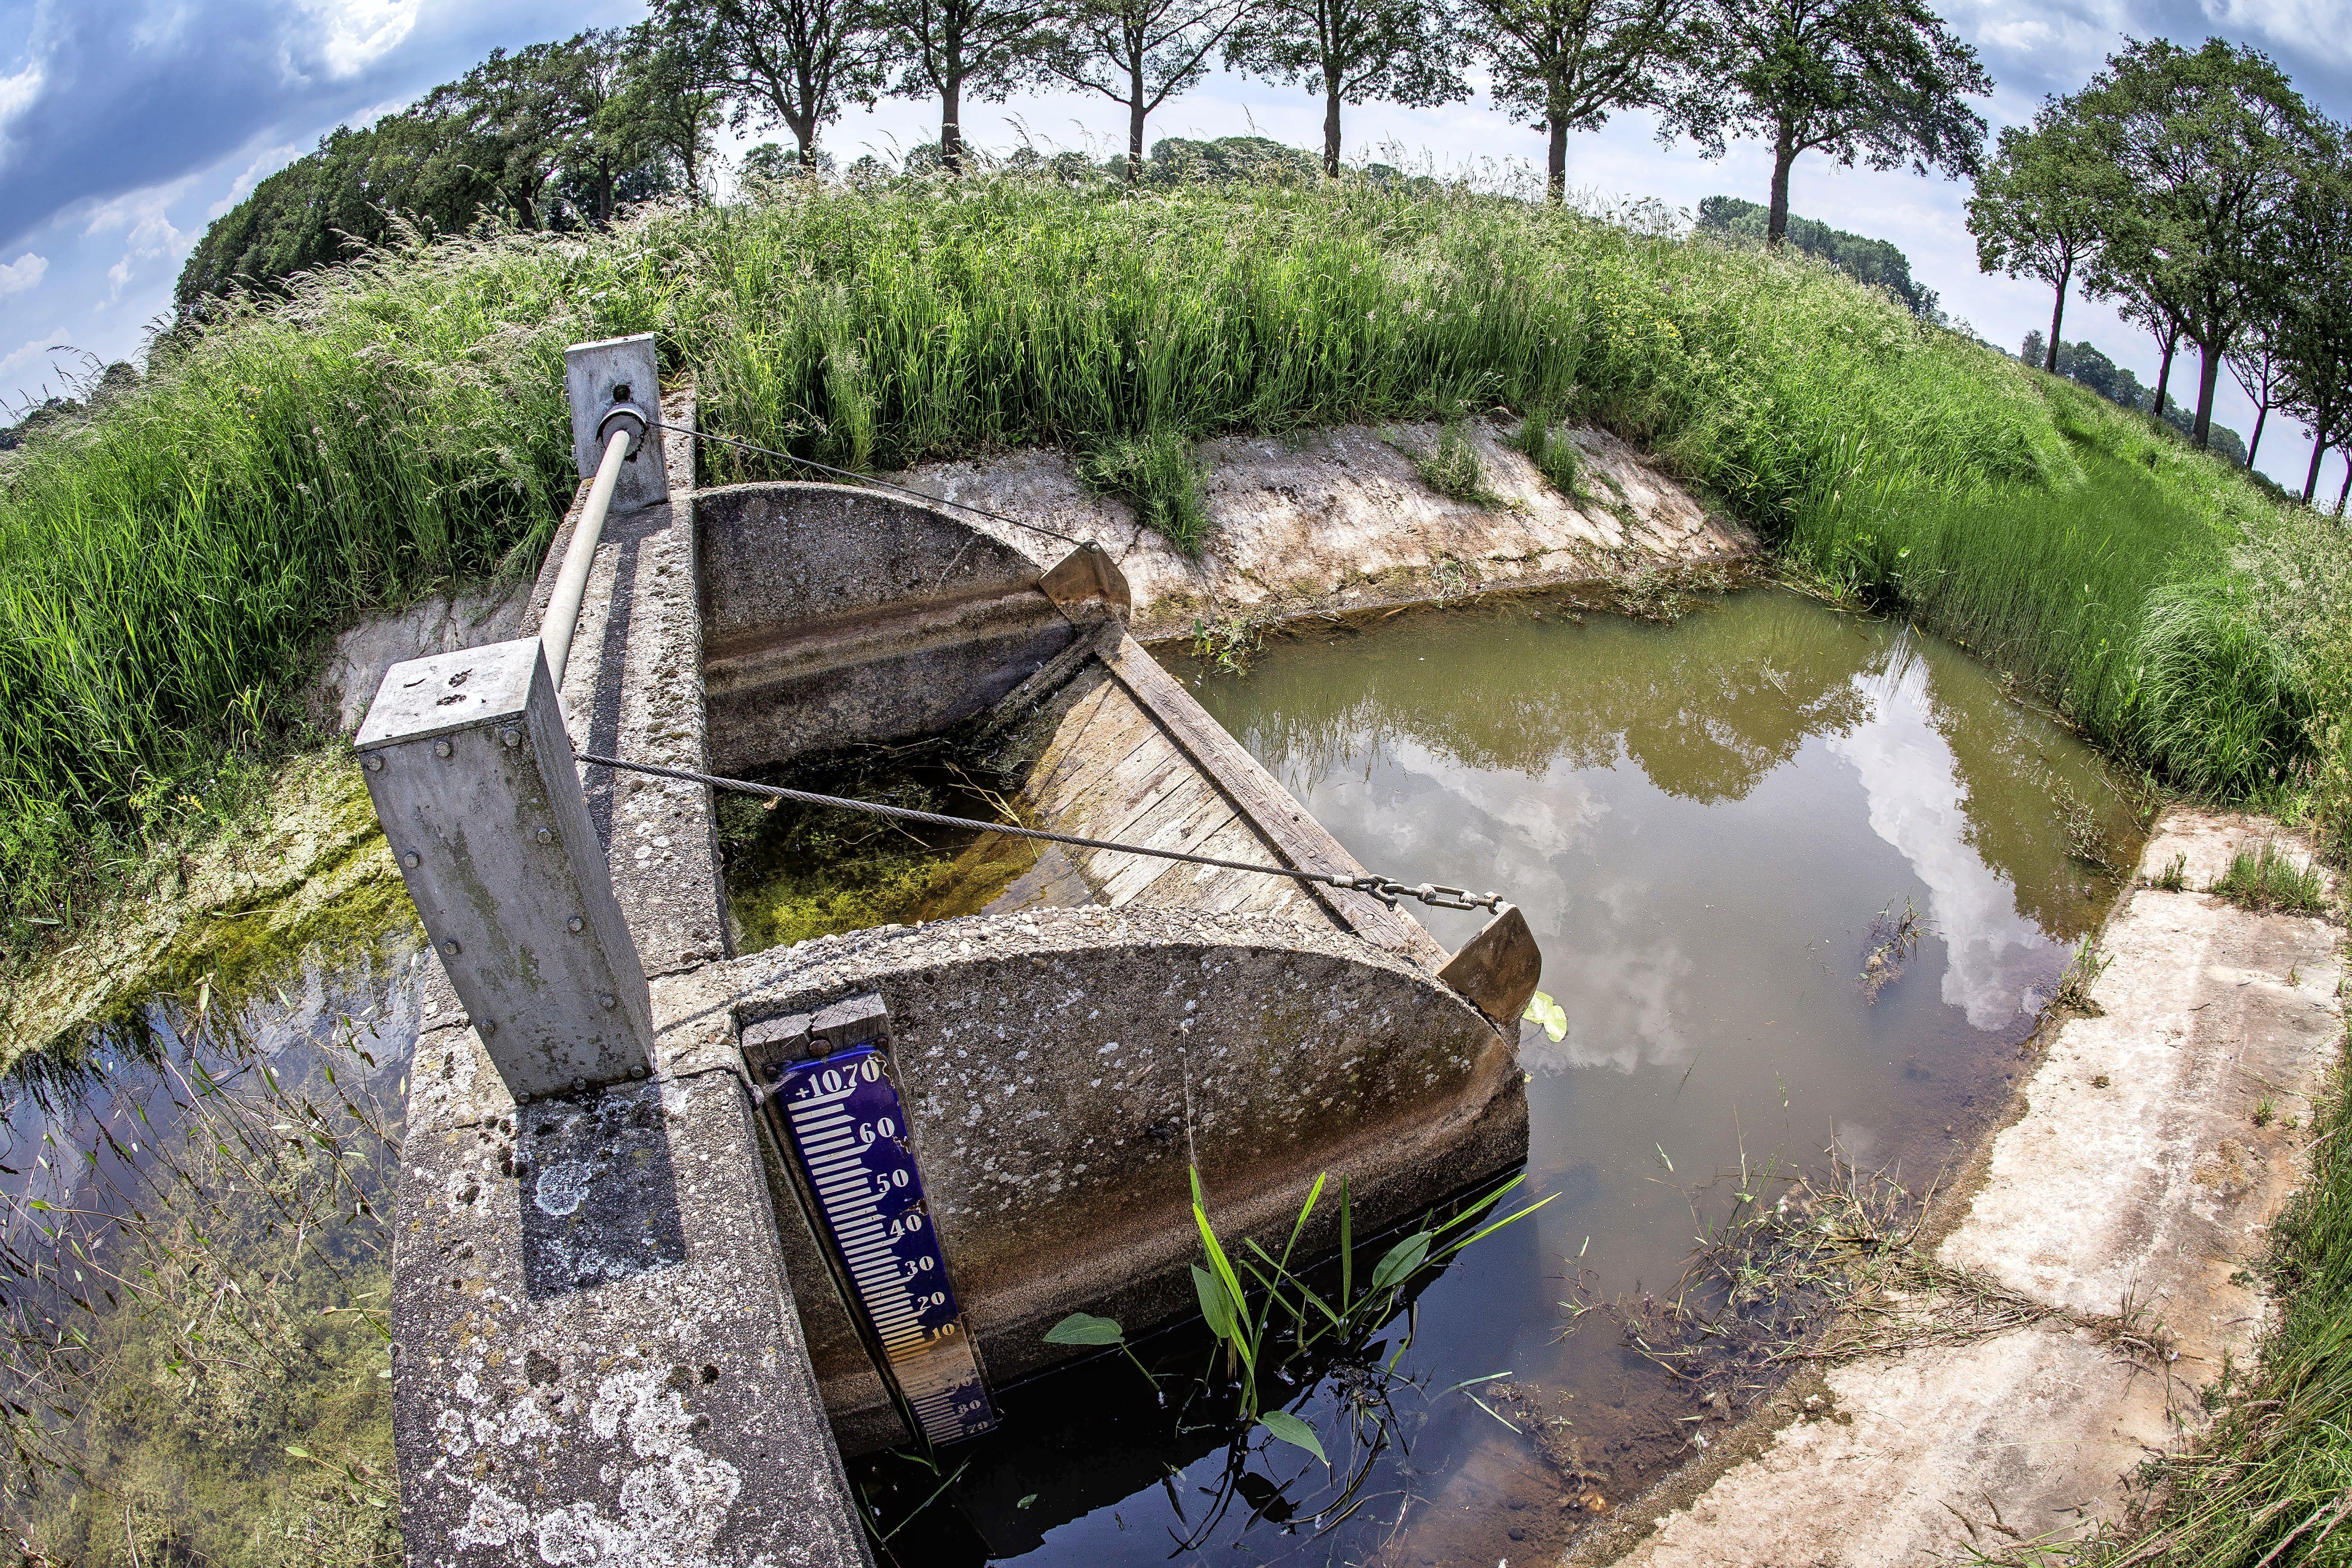 Reactie op kritiek: Boeren zijn juist zuinig met water | opinie